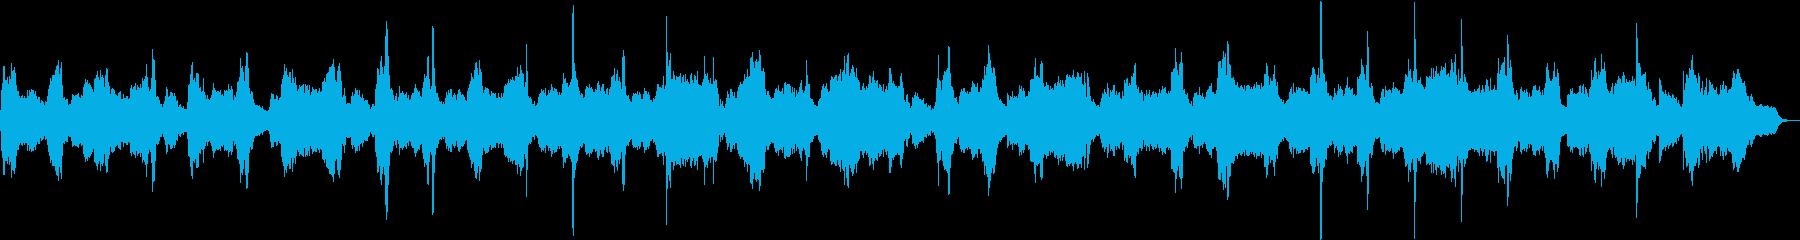 アンビエント弦 瞑想 ヒーリング 癒しの再生済みの波形